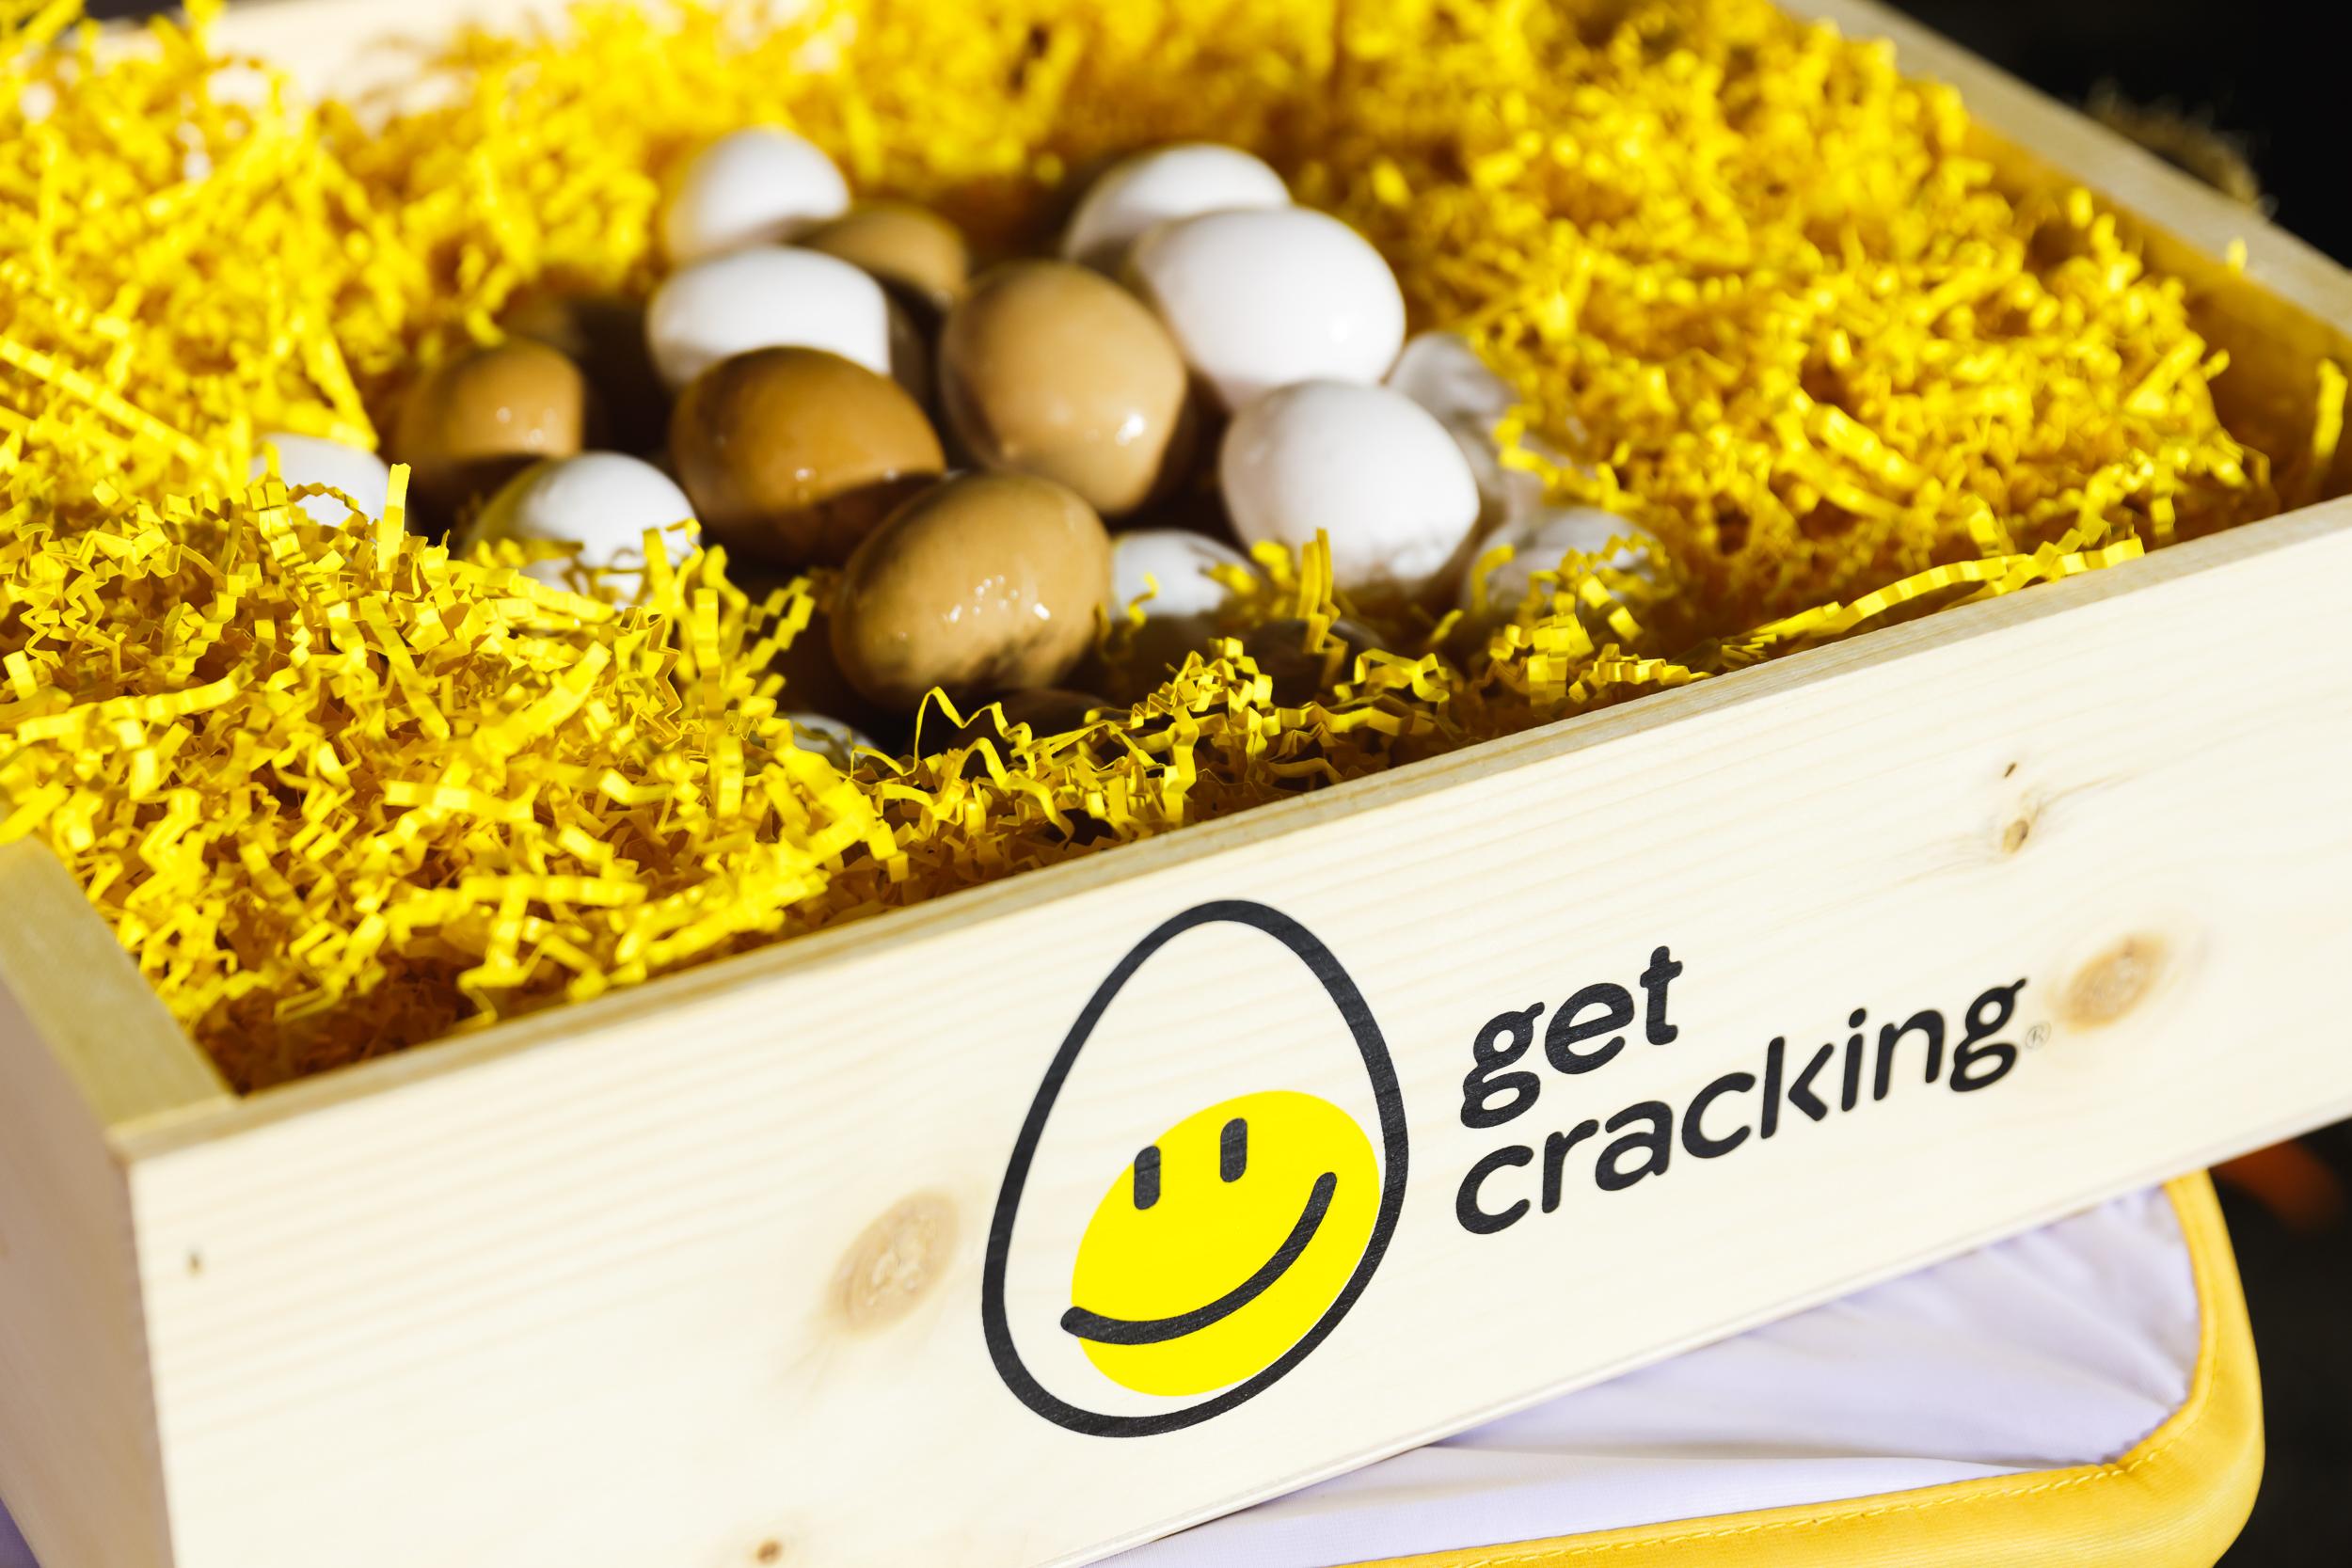 Get-Cracking1.jpg